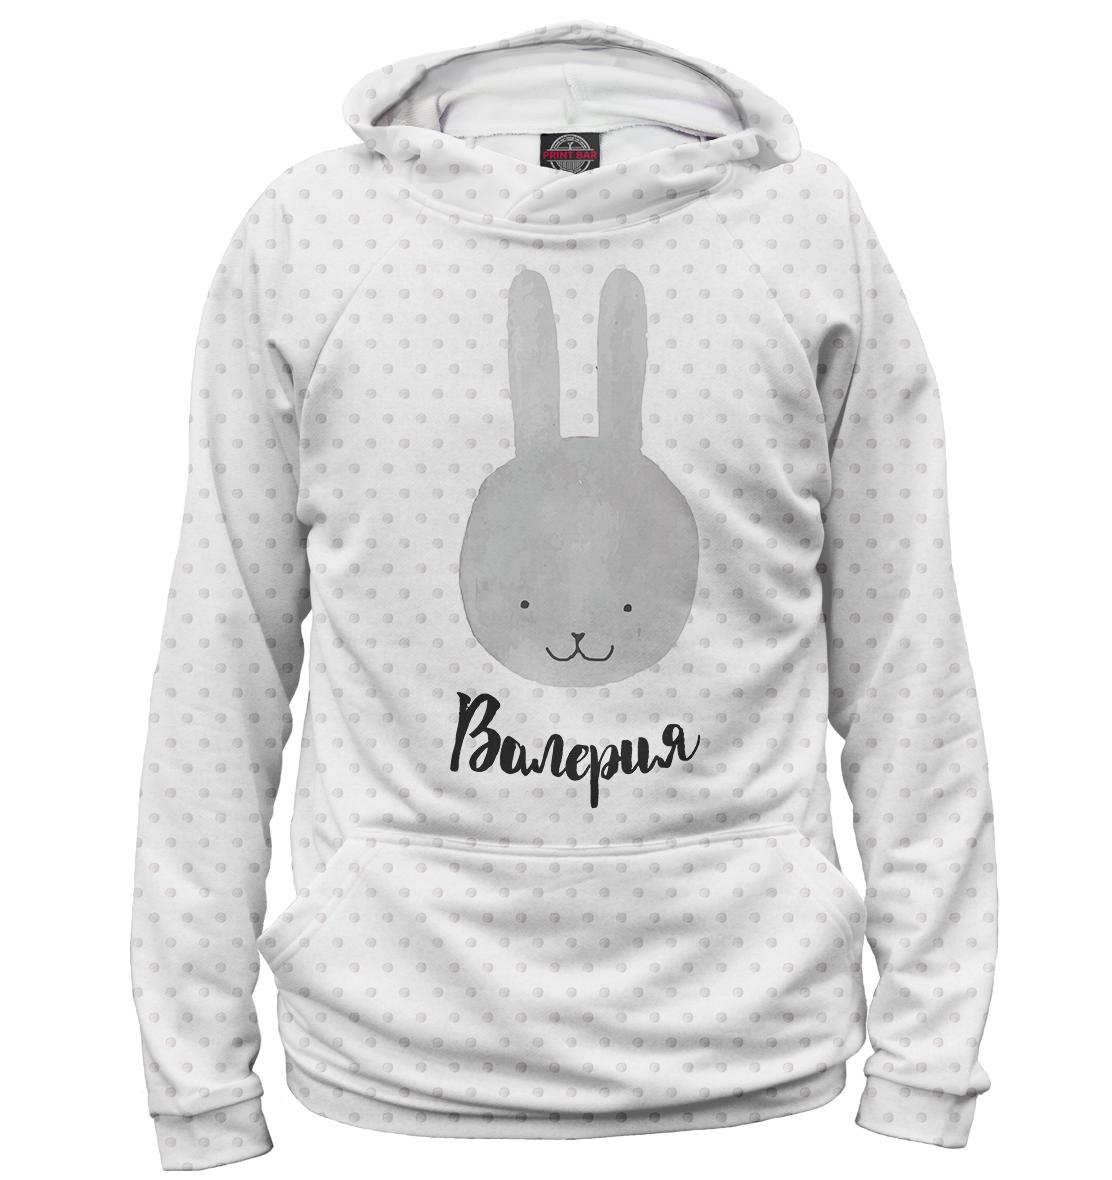 Купить Кролик Валерия, Printbar, Худи, VAL-540852-hud